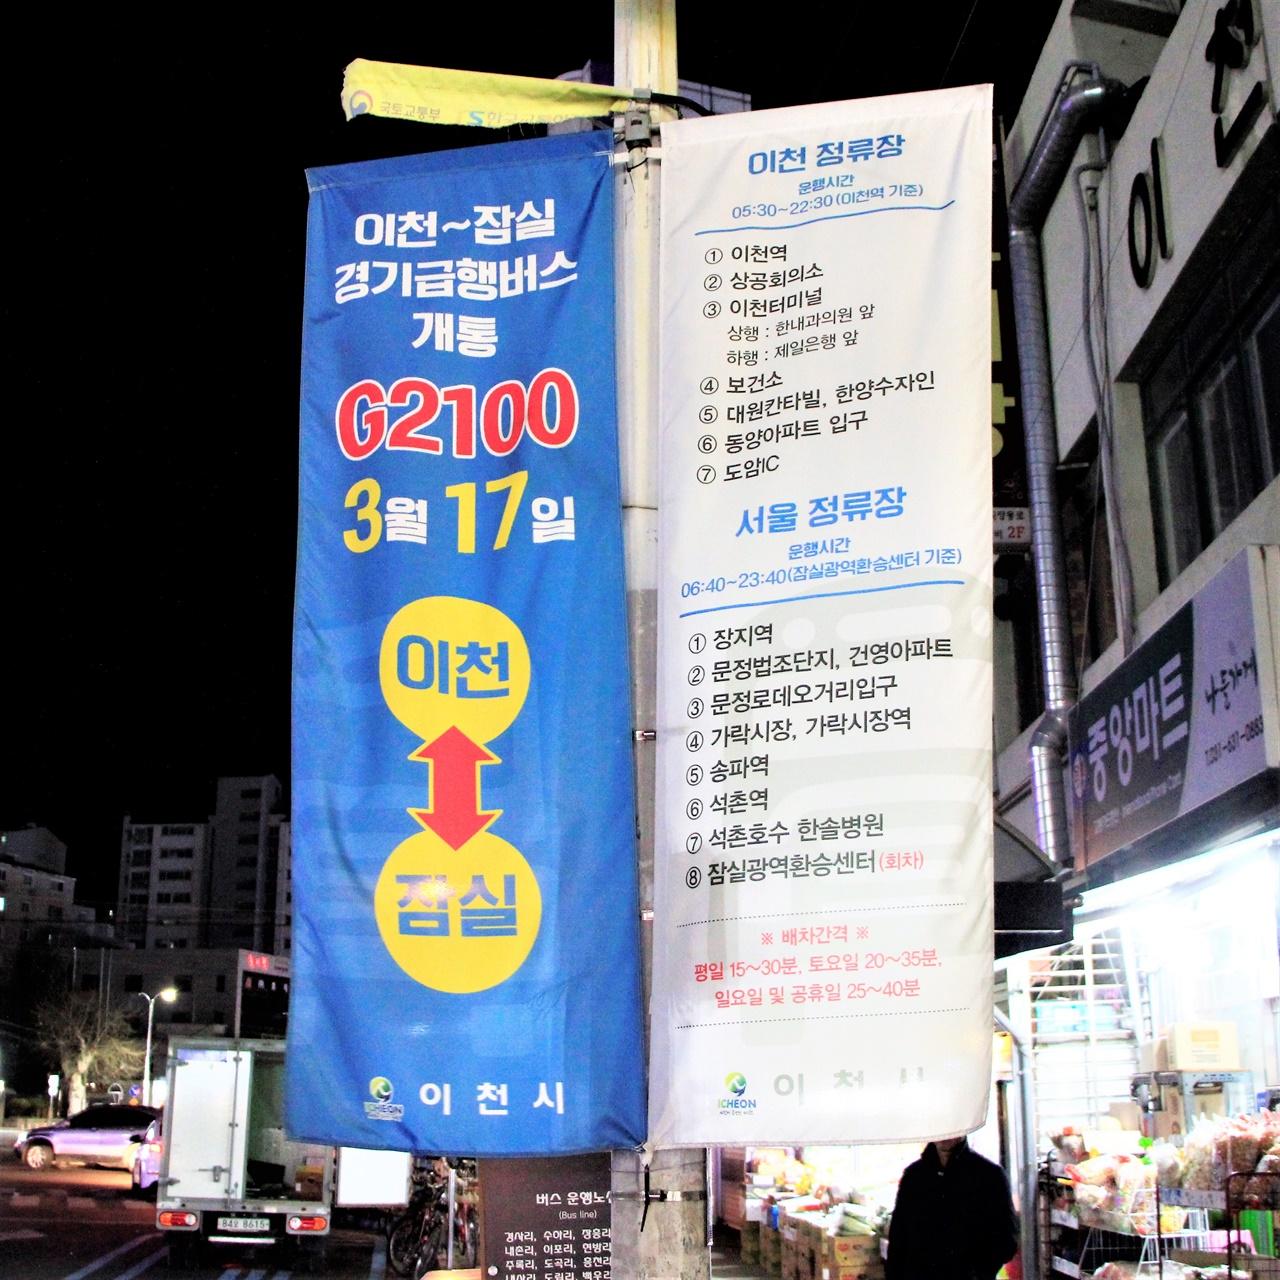 이천시 곳곳에 붙은 광역버스 환영 플래카드.